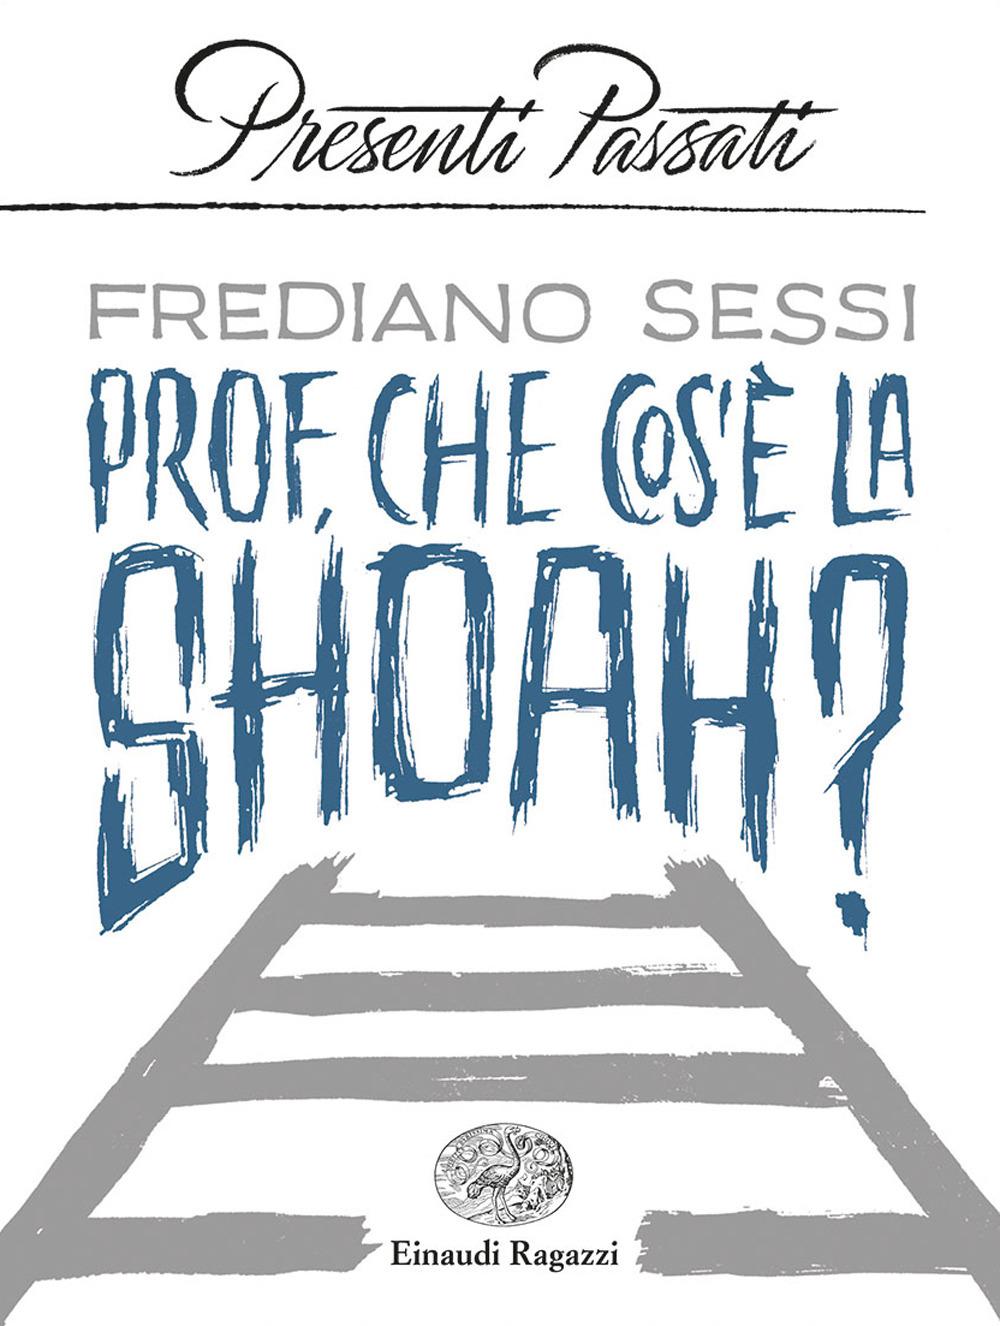 Prof, che cos'è la Shoah?